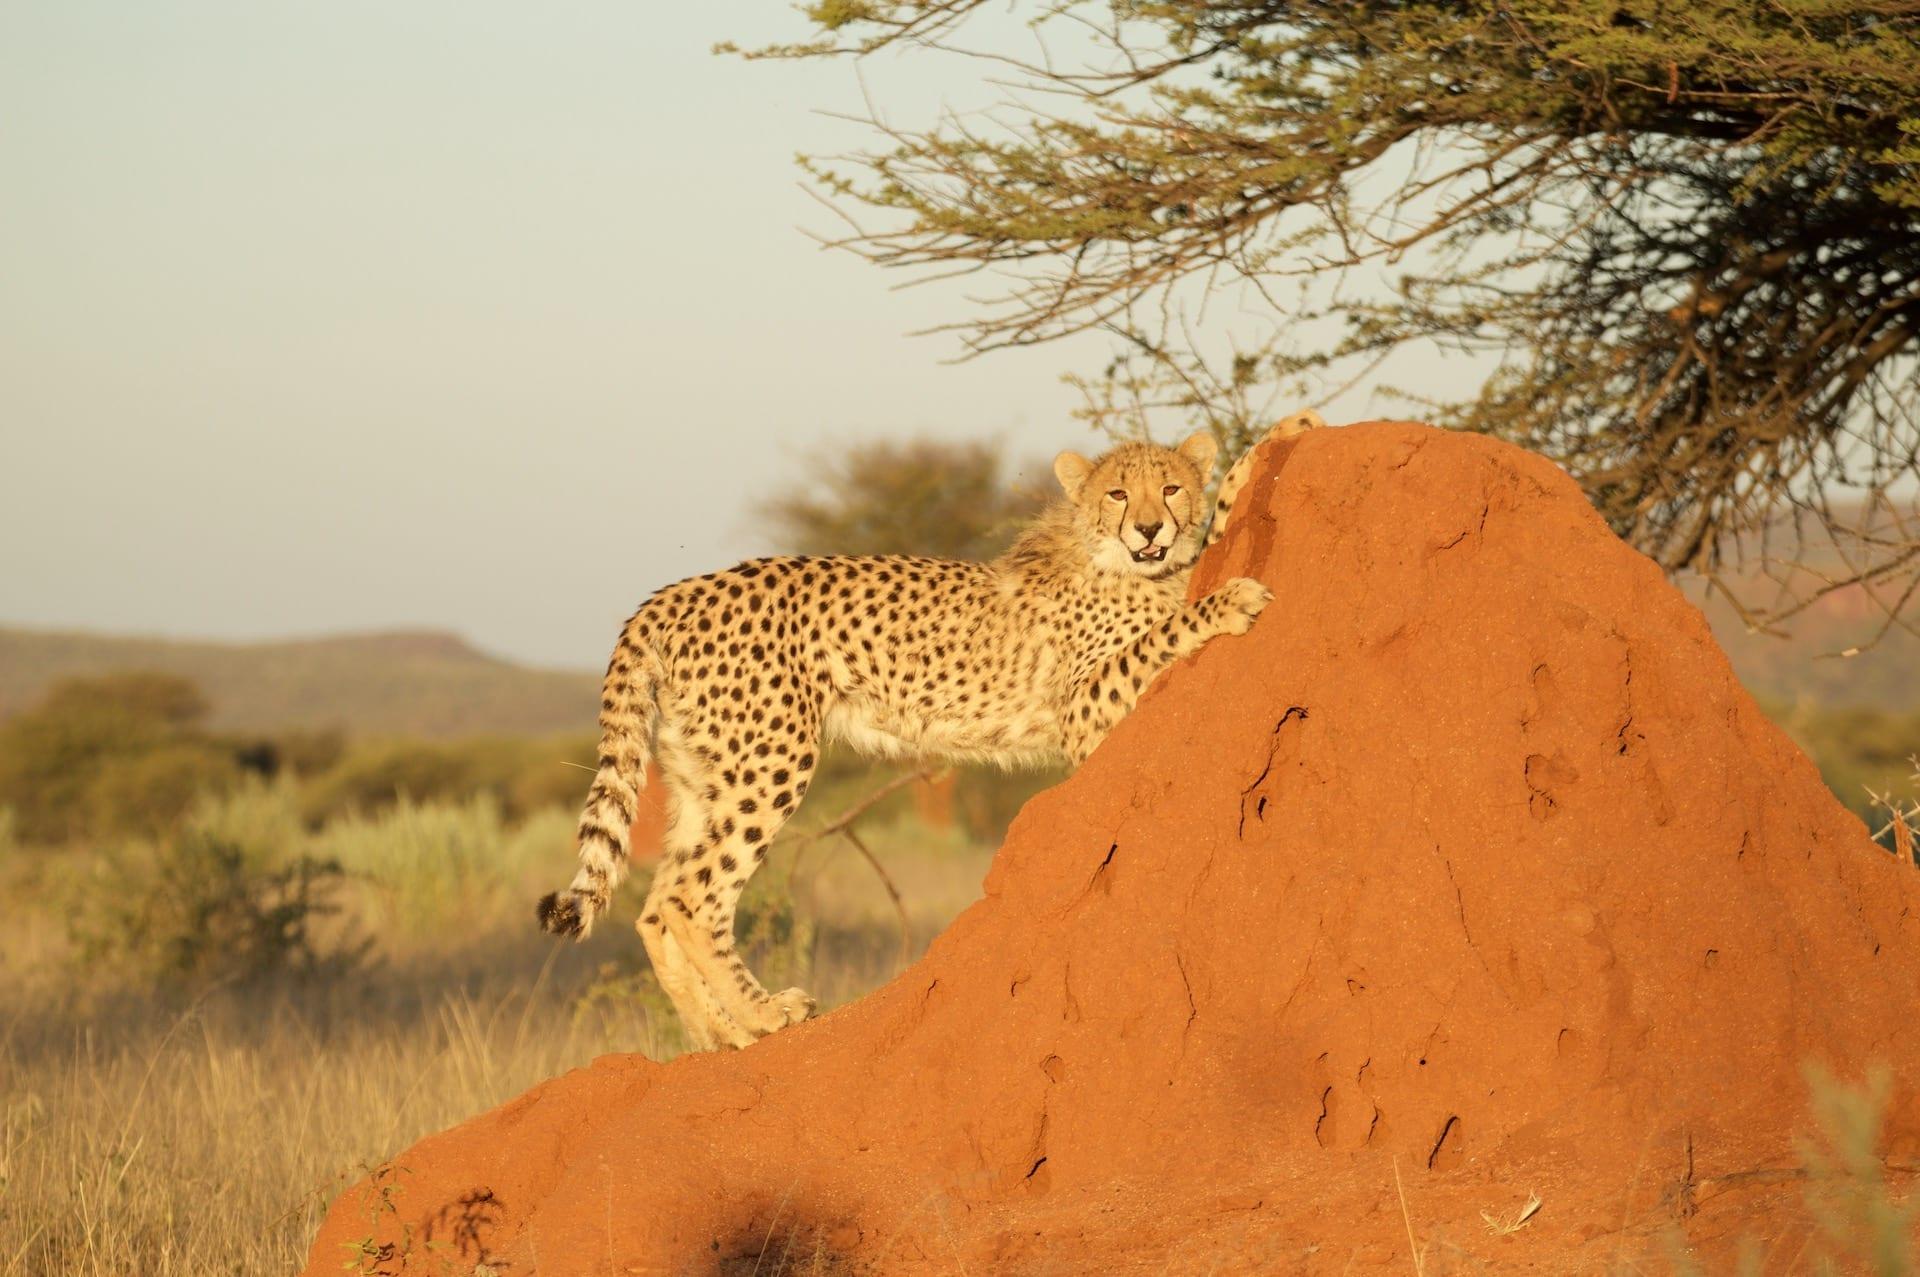 ALGEMEEN - NAM - Okonjima cheetah 5 2015